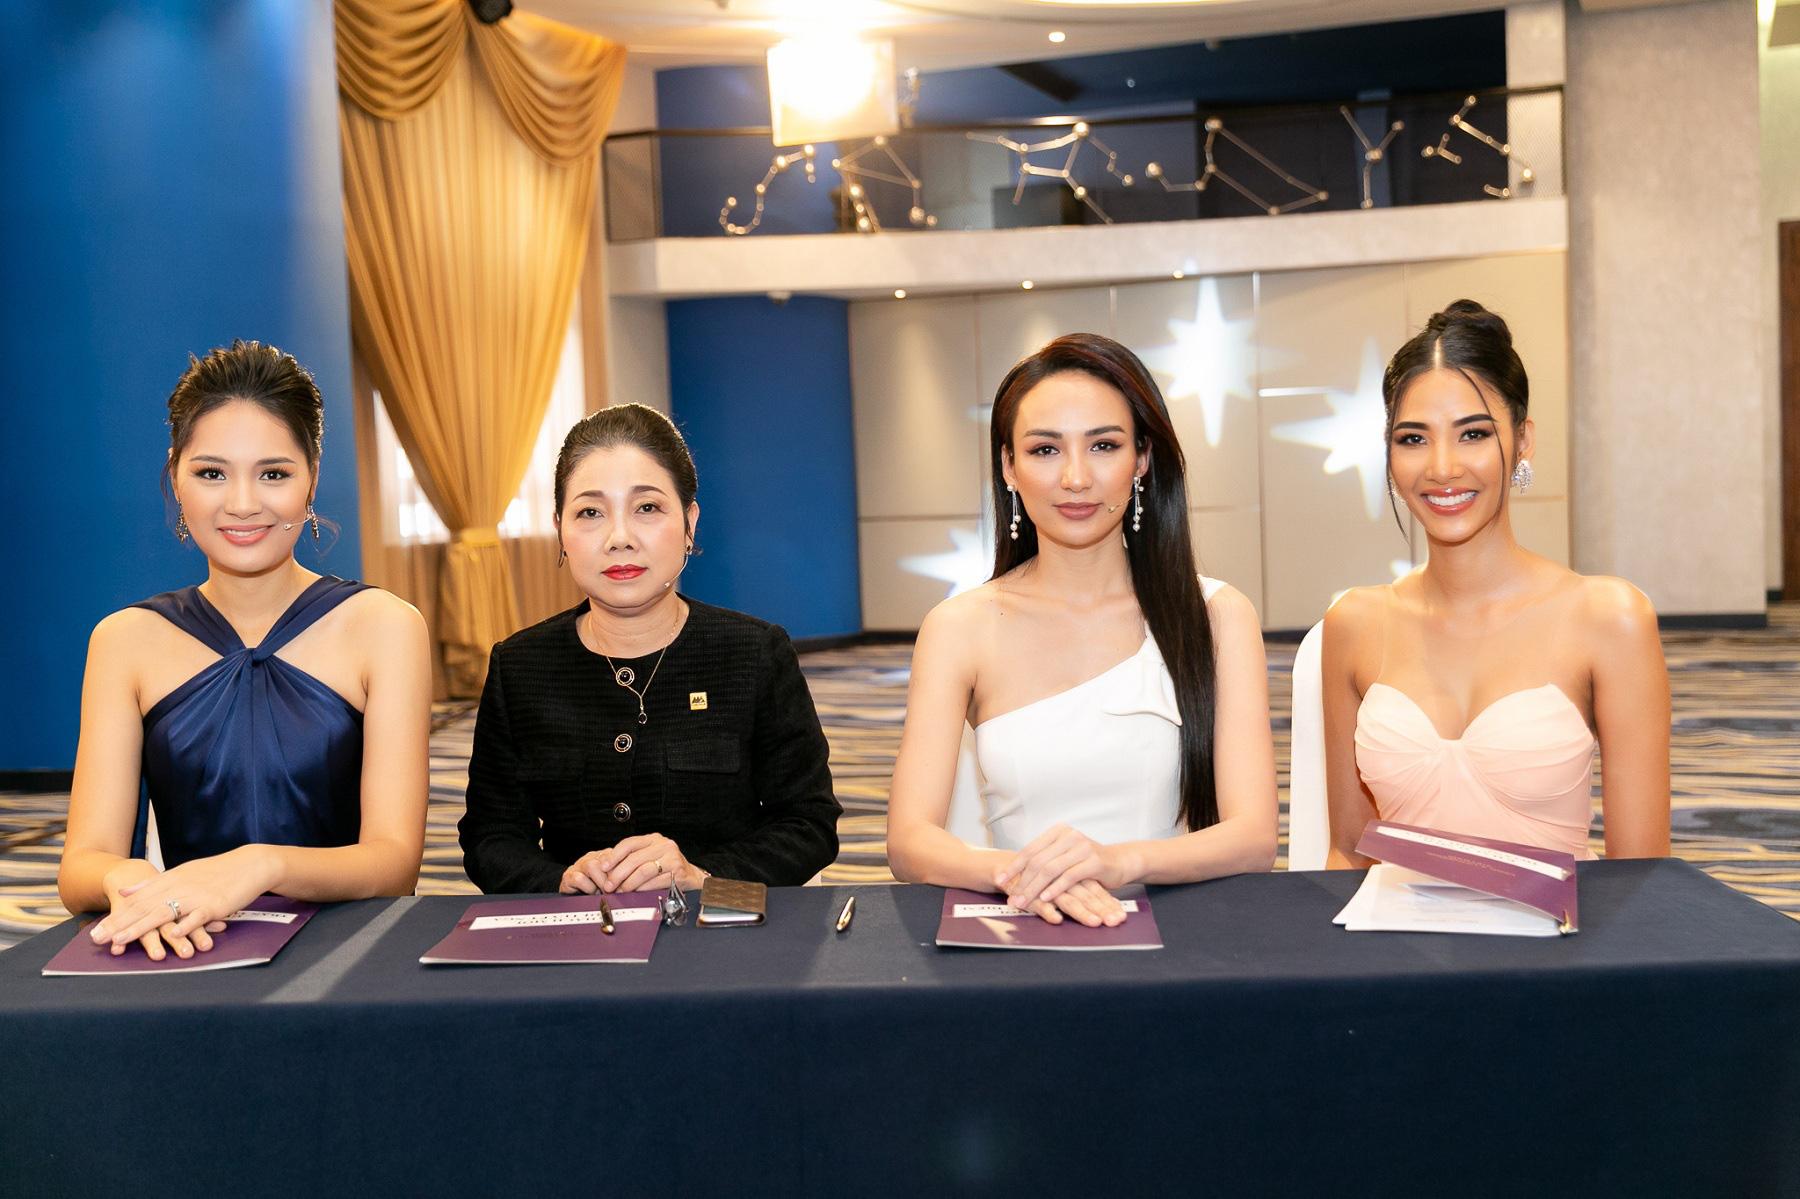 Nam Á Bank tư vấn kỹ năng xây dựng doanh nghiệp xã hội cho top 60 Hoa hậu Hoàn vũ Việt Nam 2019 - Ảnh 1.